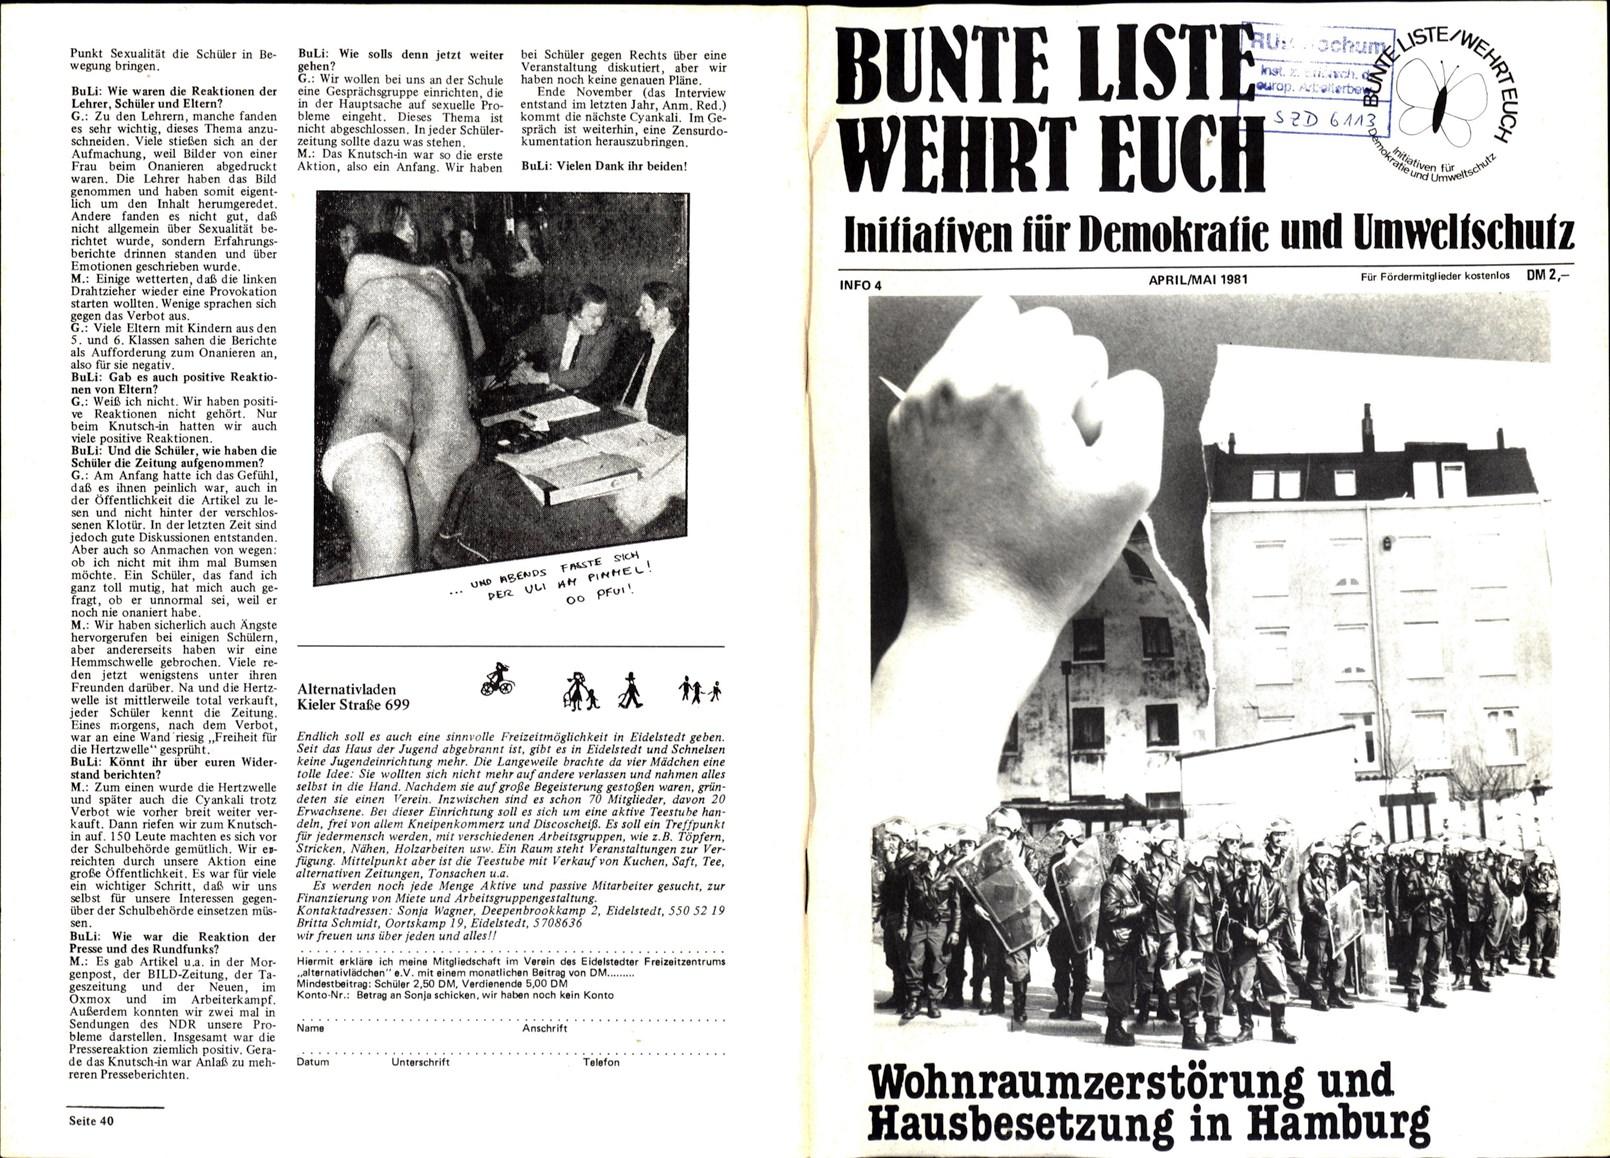 Hamburg_BuLi_Info_19810400_01